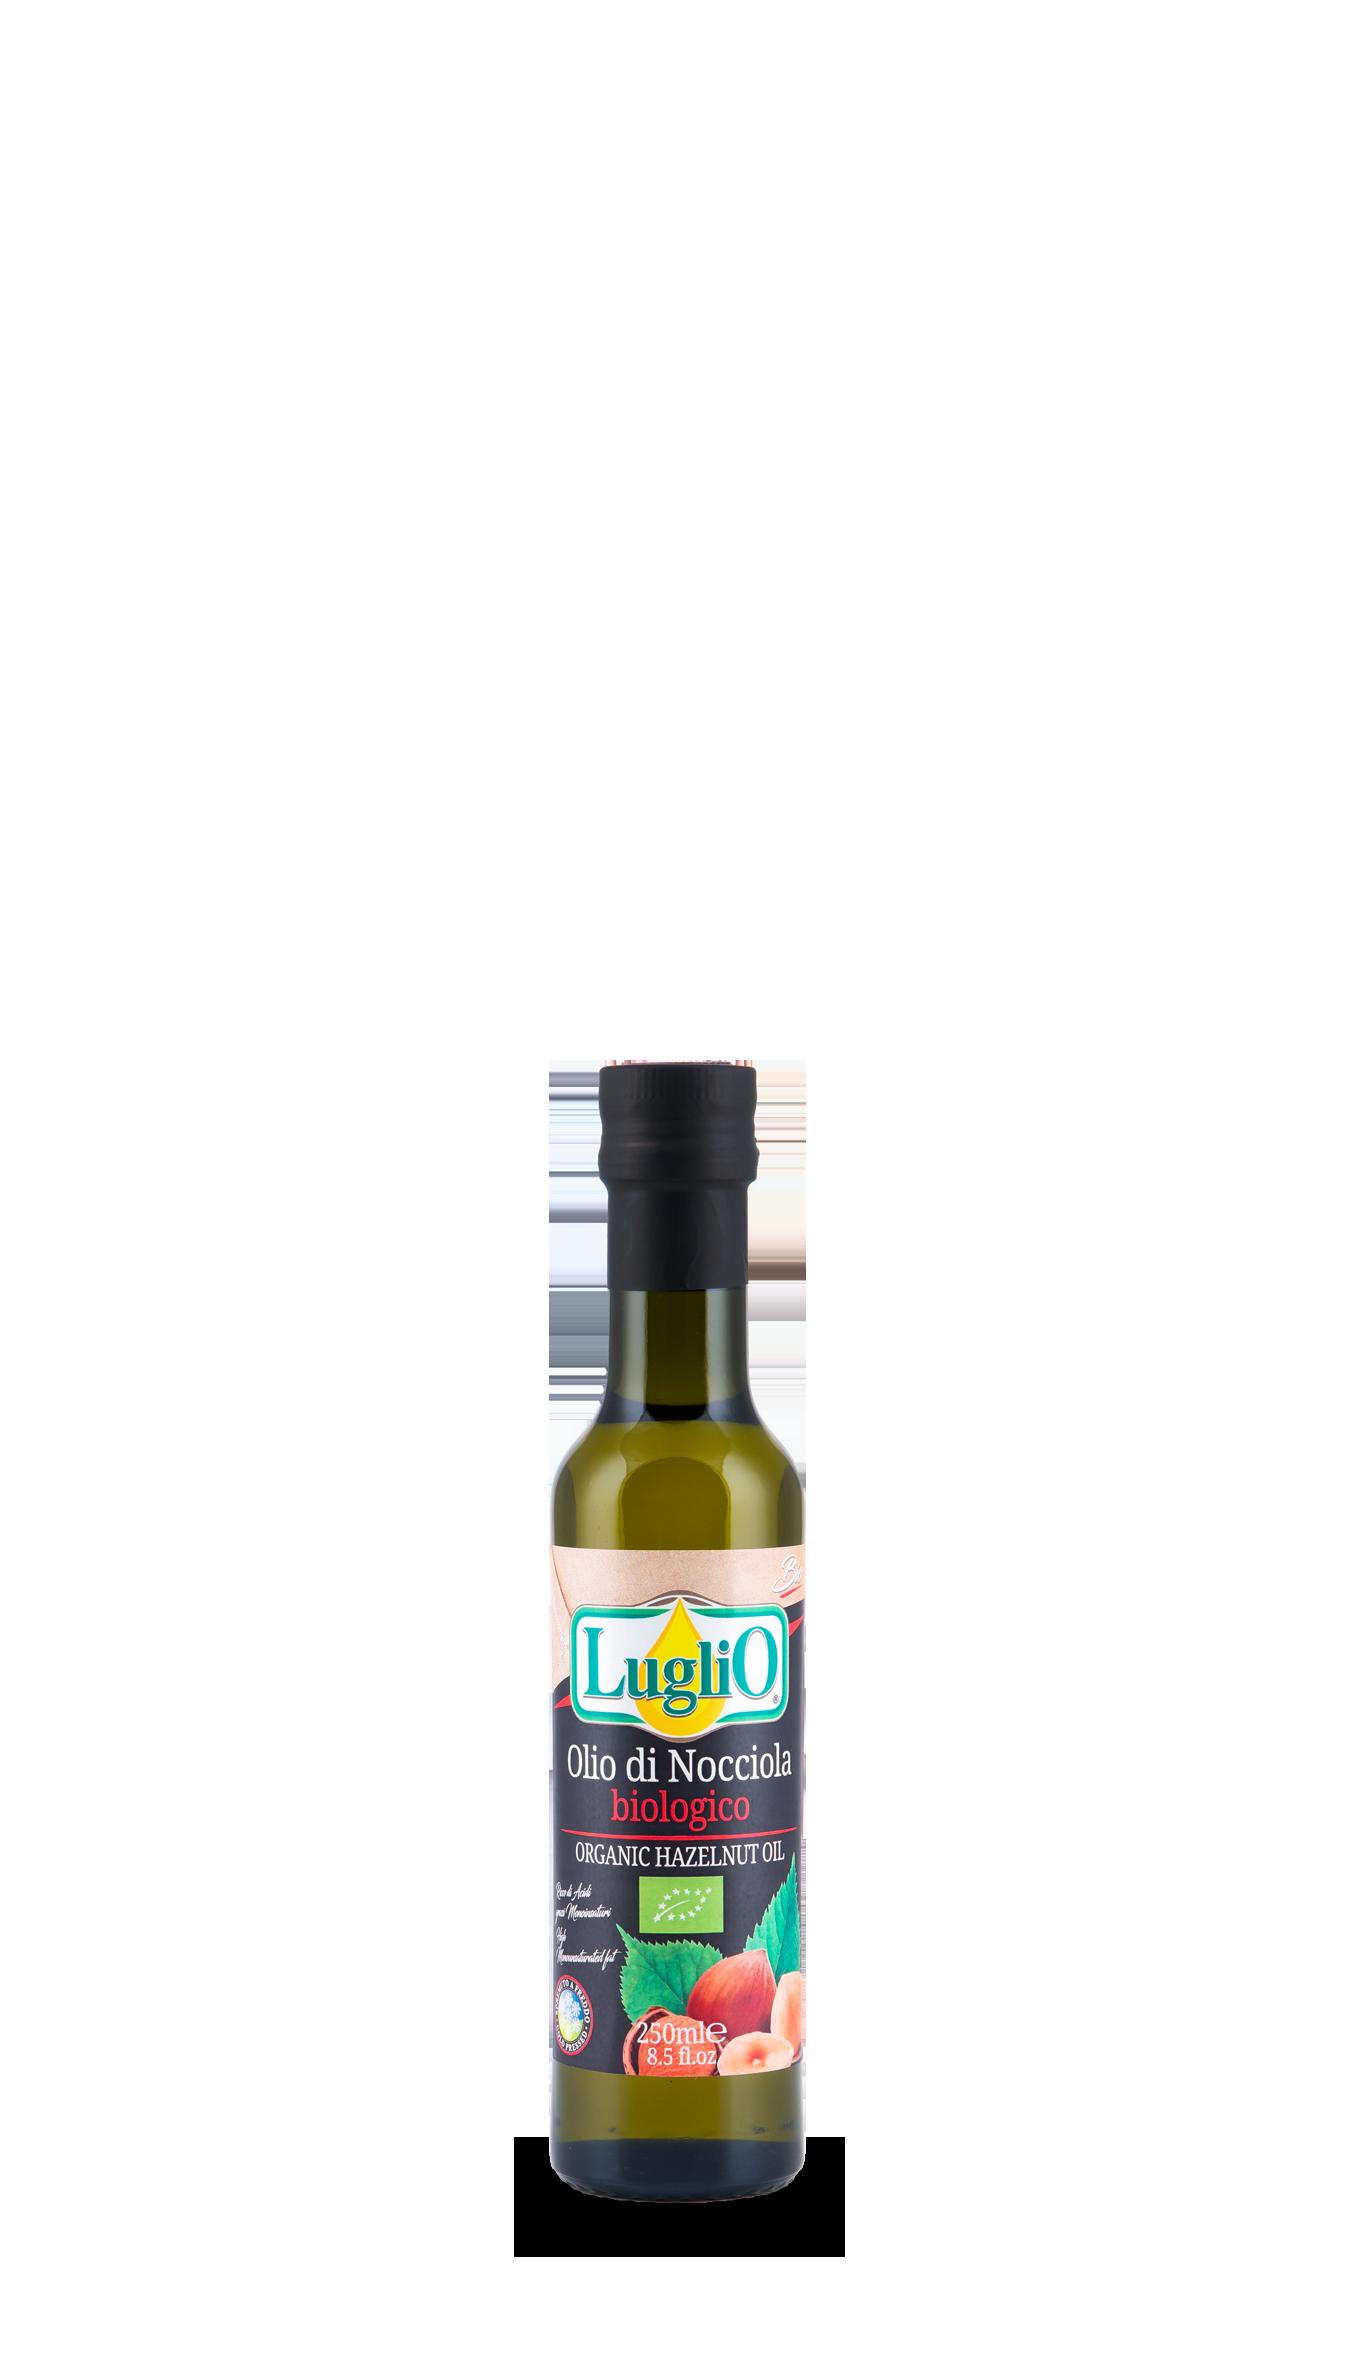 olio di nocciola 250 ml olio luglio